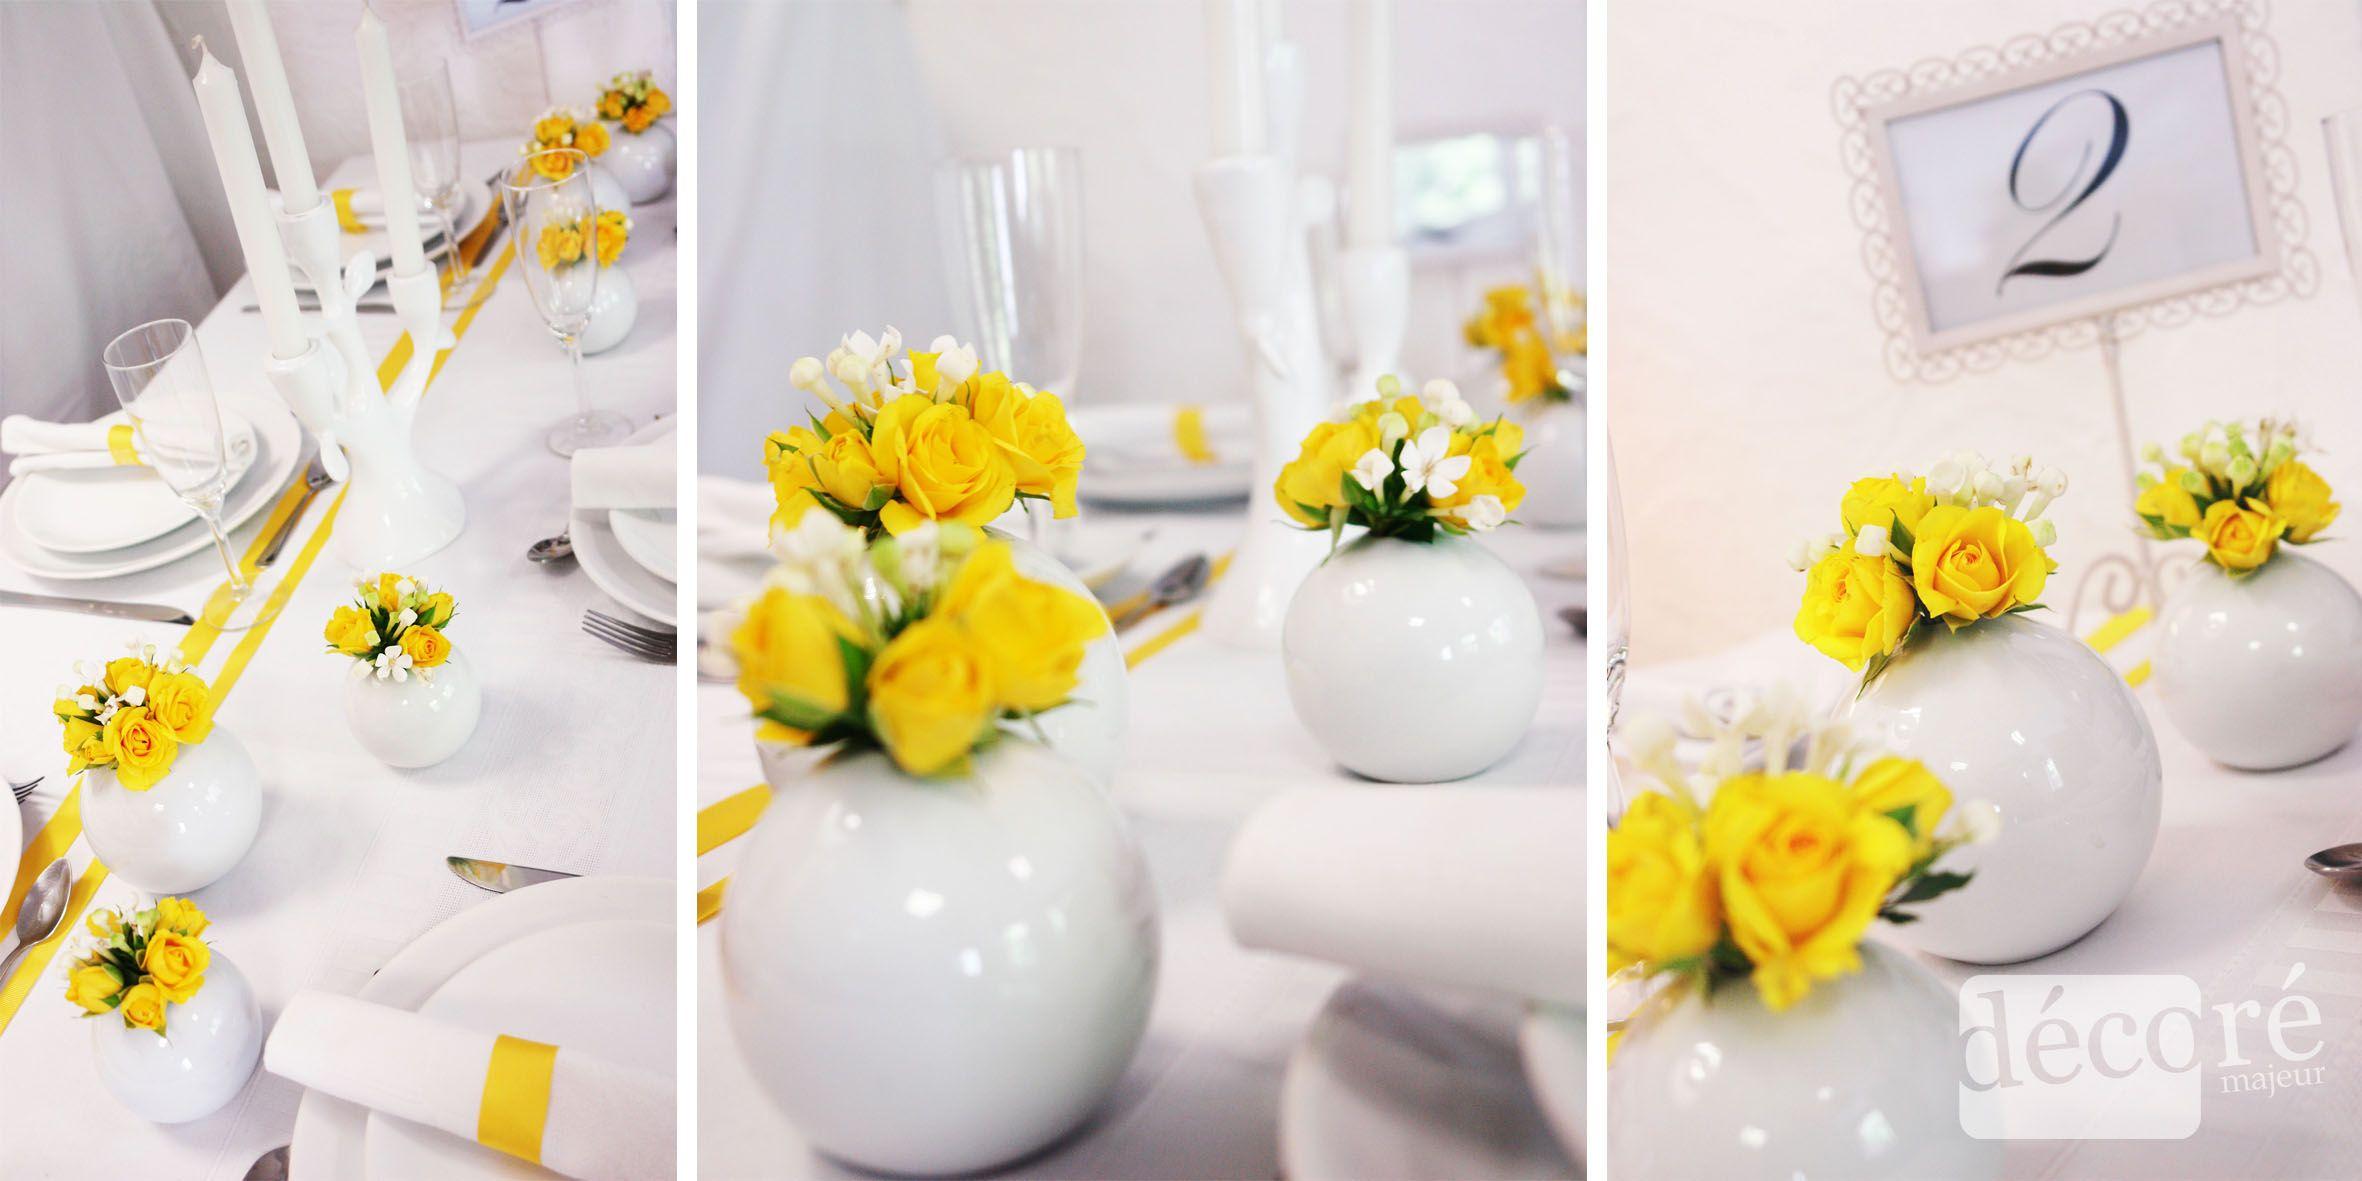 Belle en robe jaune synonyme